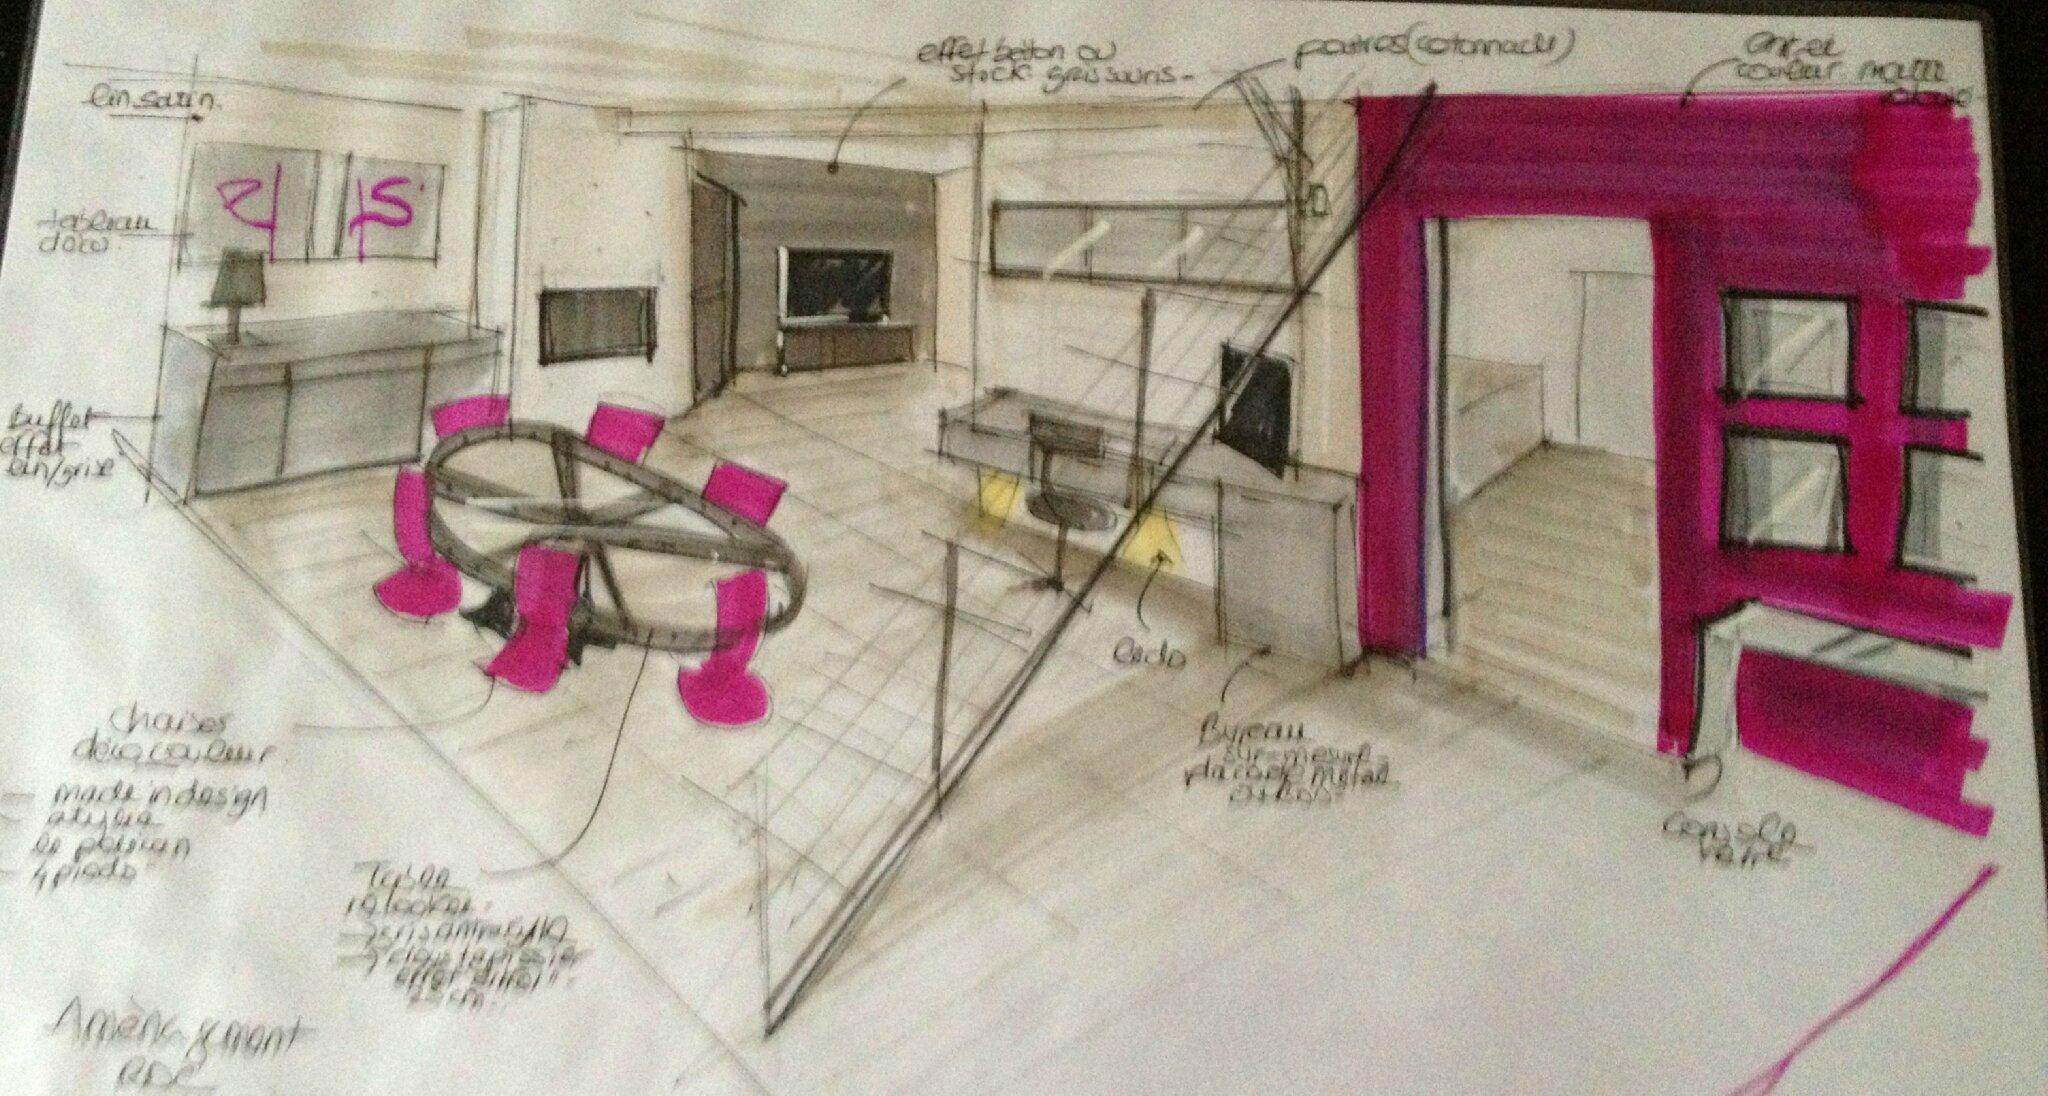 am nagement d 39 un salon barbizon 77 pinkspace. Black Bedroom Furniture Sets. Home Design Ideas